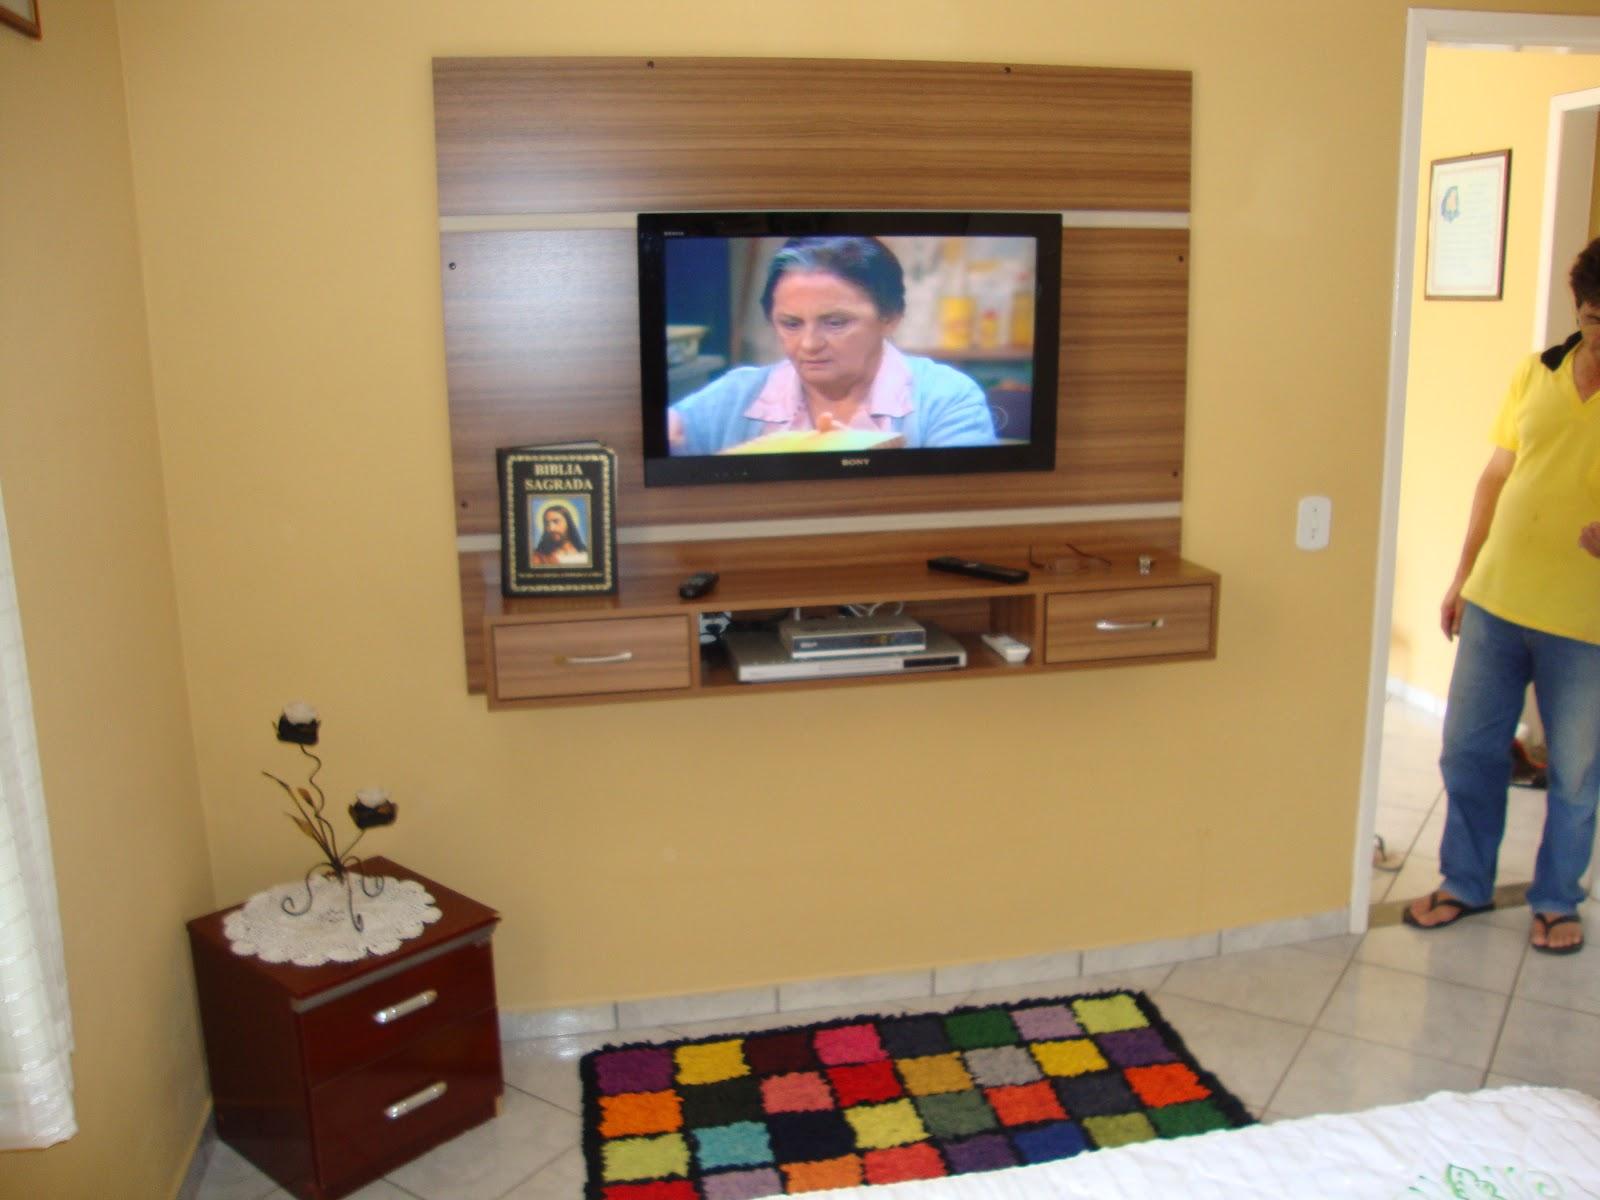 Ideias De Painel Para Tv No Quarto ~   de M?veis e Esquadrias Rio Grande LTDA  Painel para TV no quarto